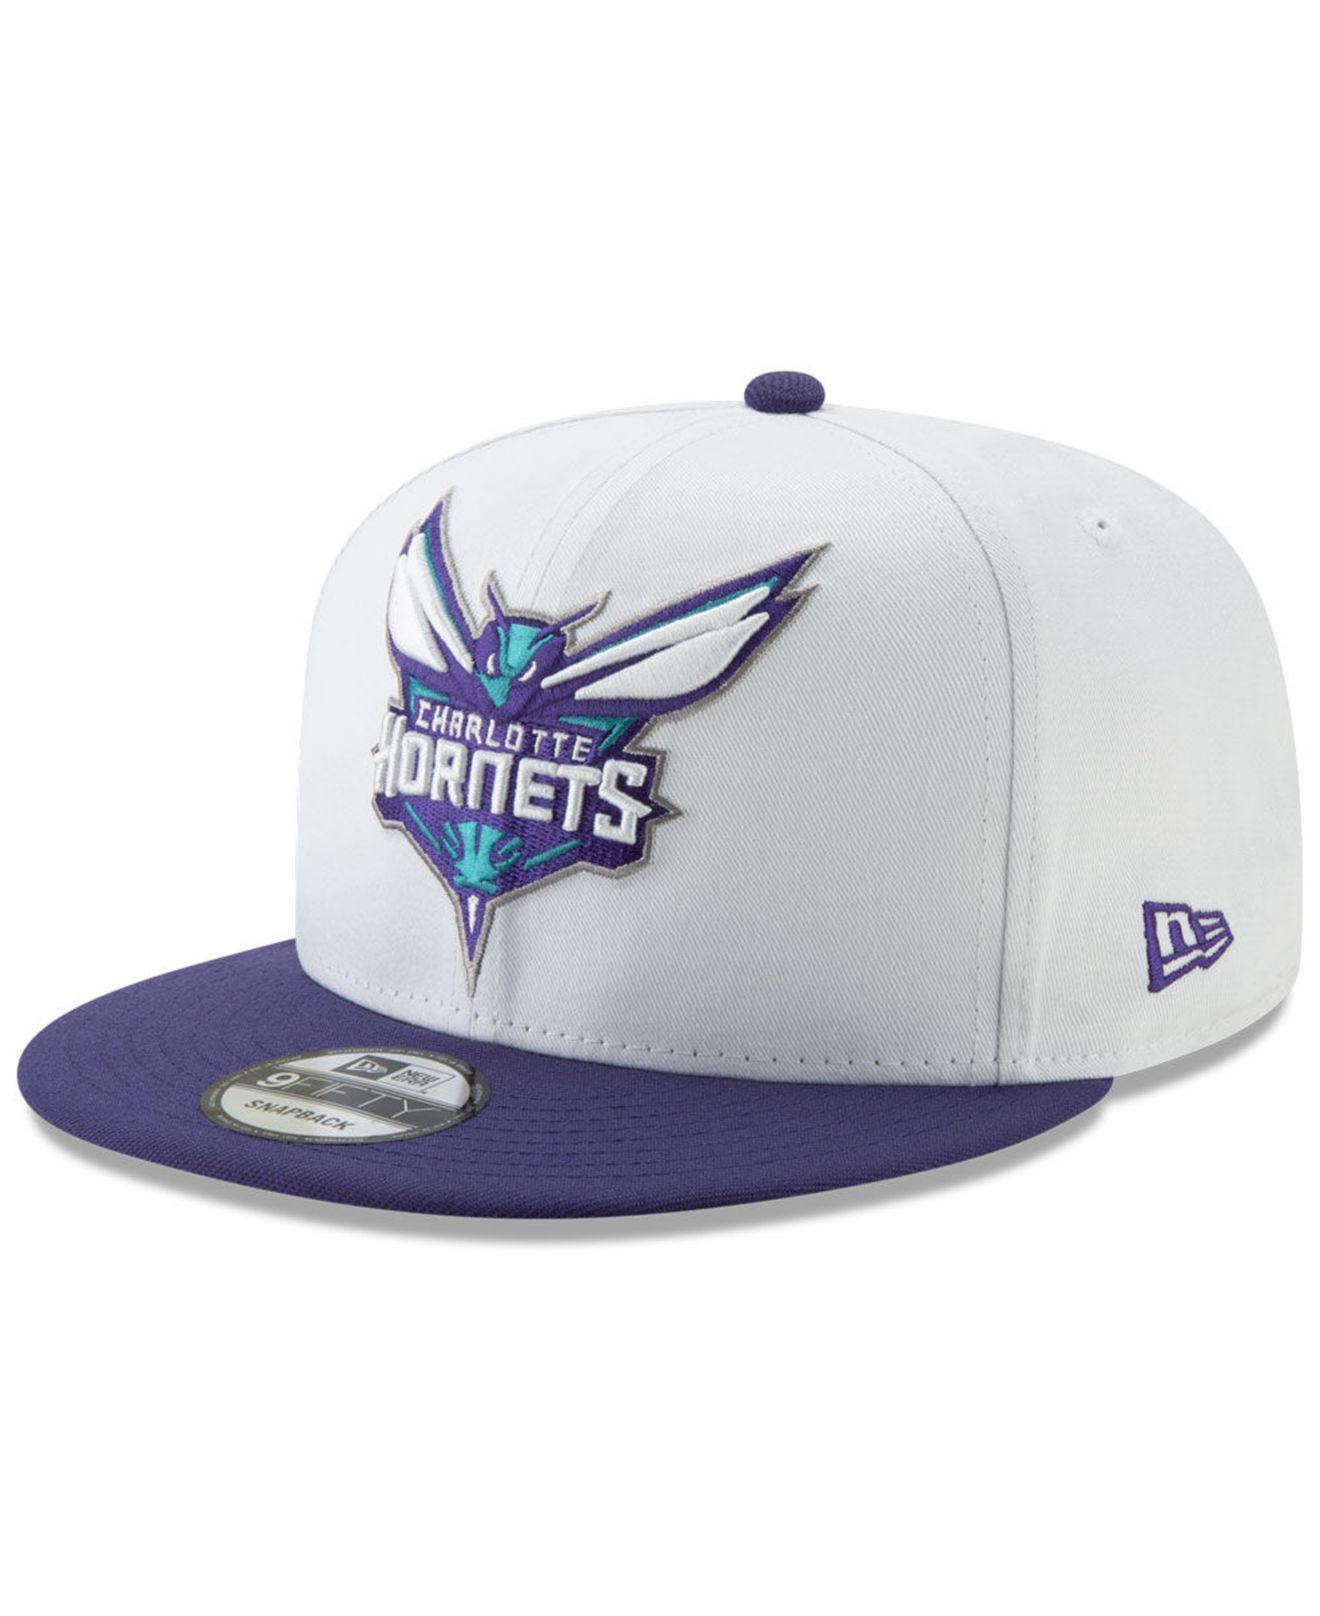 check out 9e79c 2e96c KTZ - Charlotte Hornets White Xlt 9fifty Cap for Men - Lyst. View fullscreen